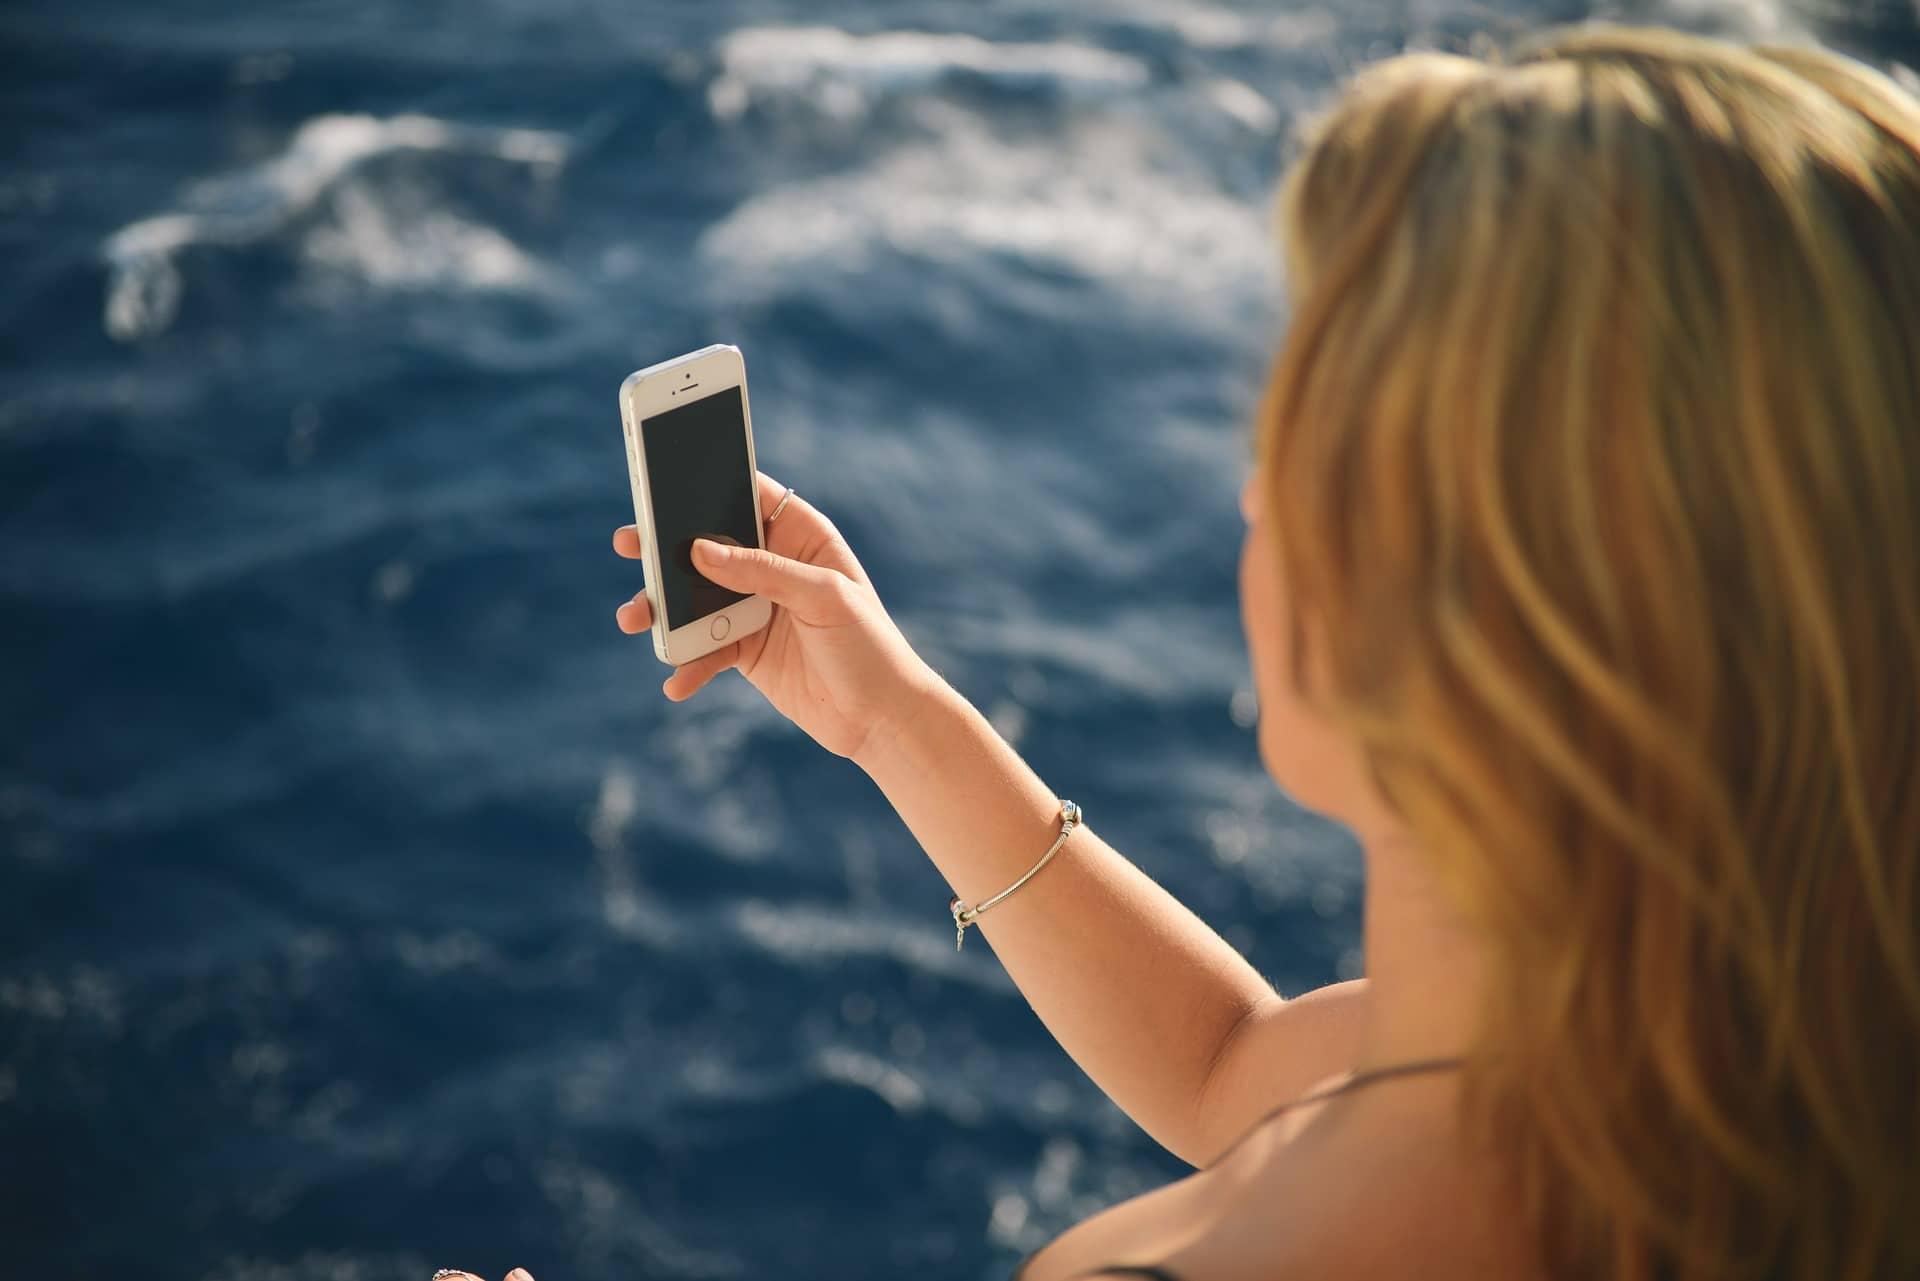 Kostenlose Sexting für Erwachsene